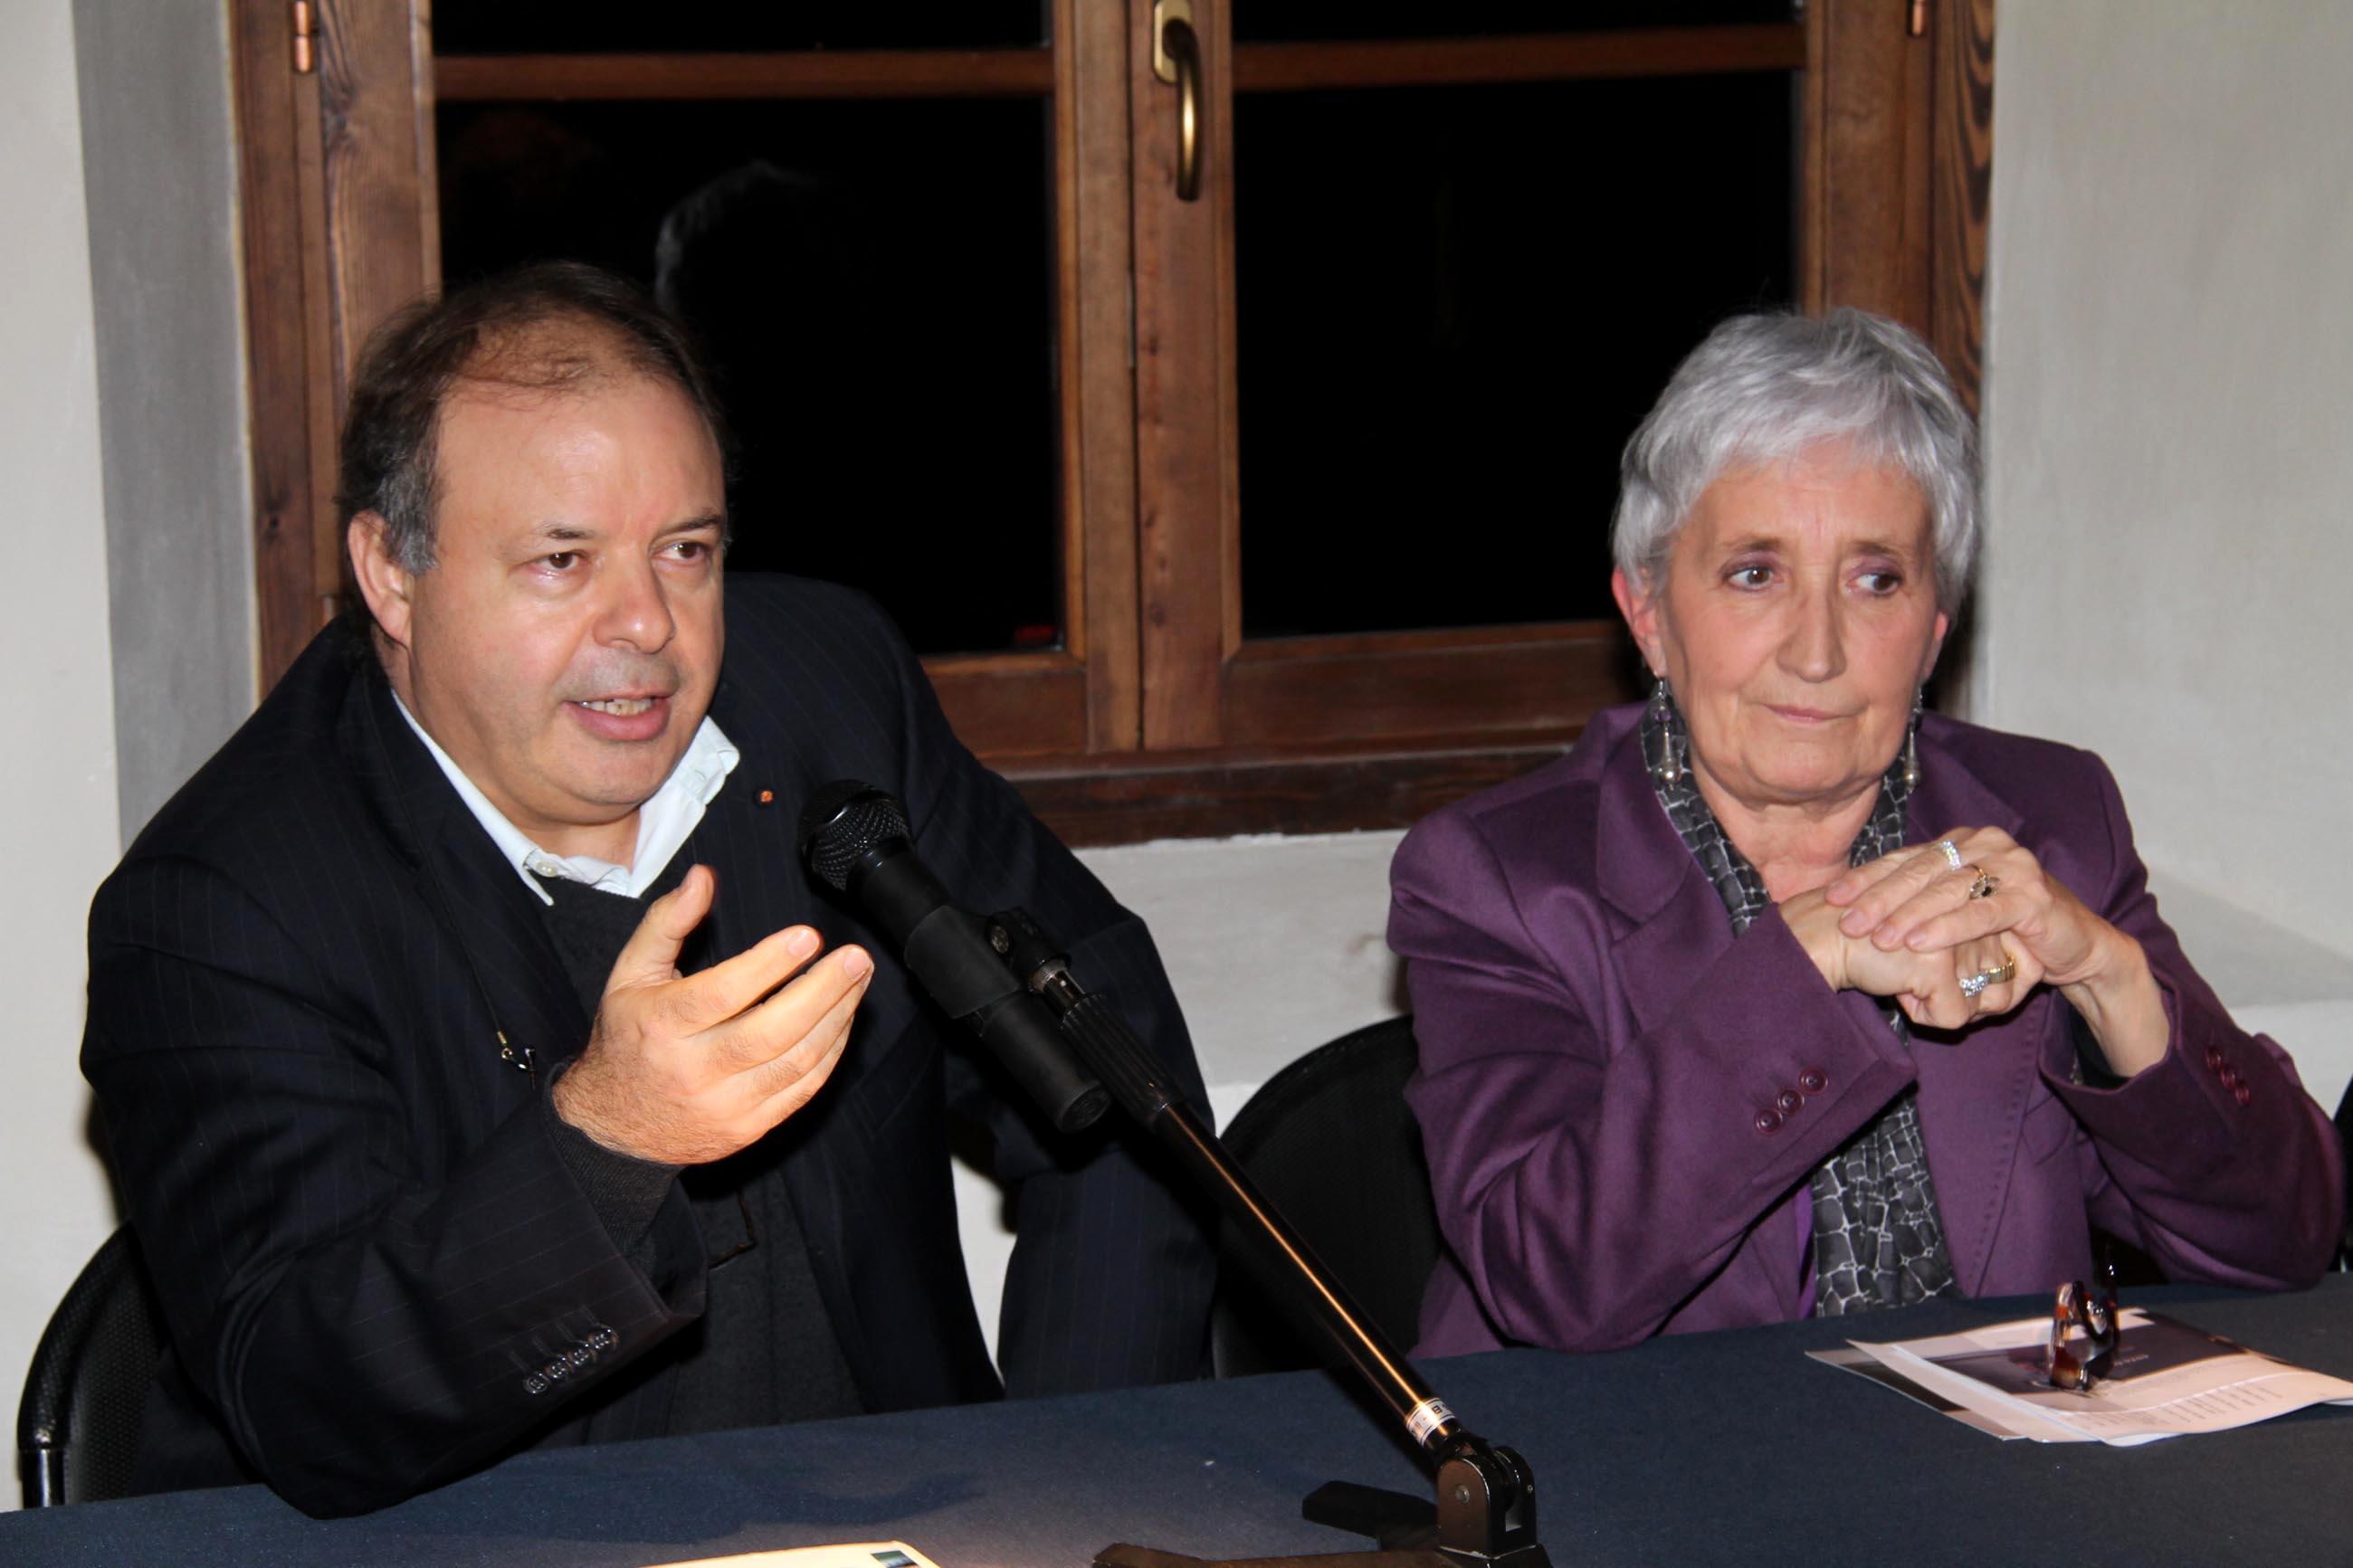 PRESSPHOTO Firenze, Asta di Gioielli d'epoca all' Istituto degli Innocenti. Nella foto Padre Gaetano Lorusso e Alessandra Maggi